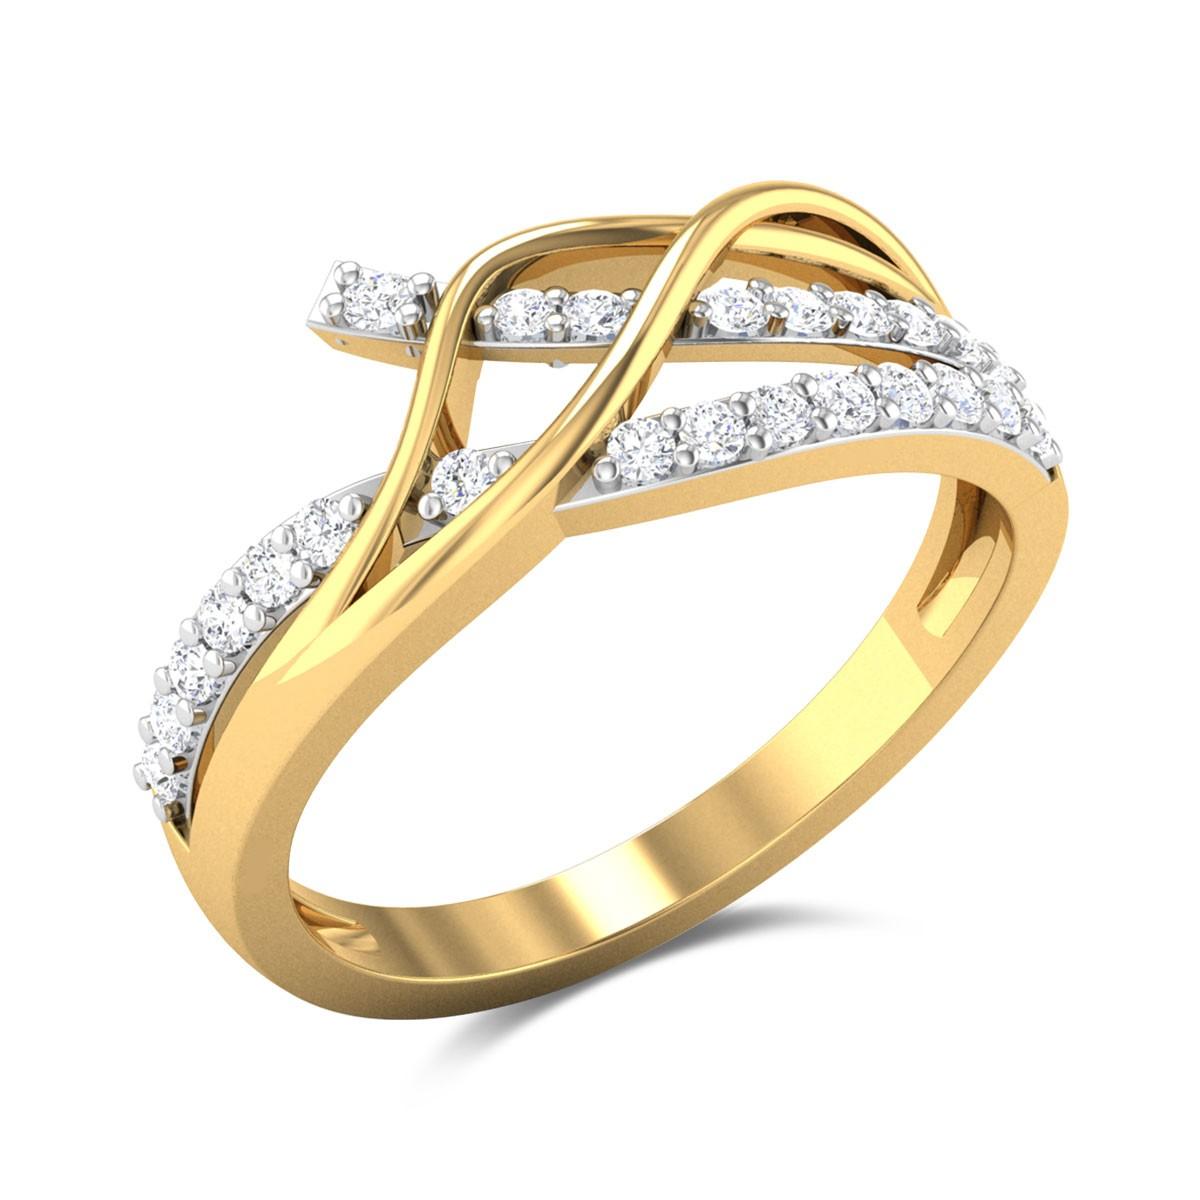 Gloxinia Diamond Ring